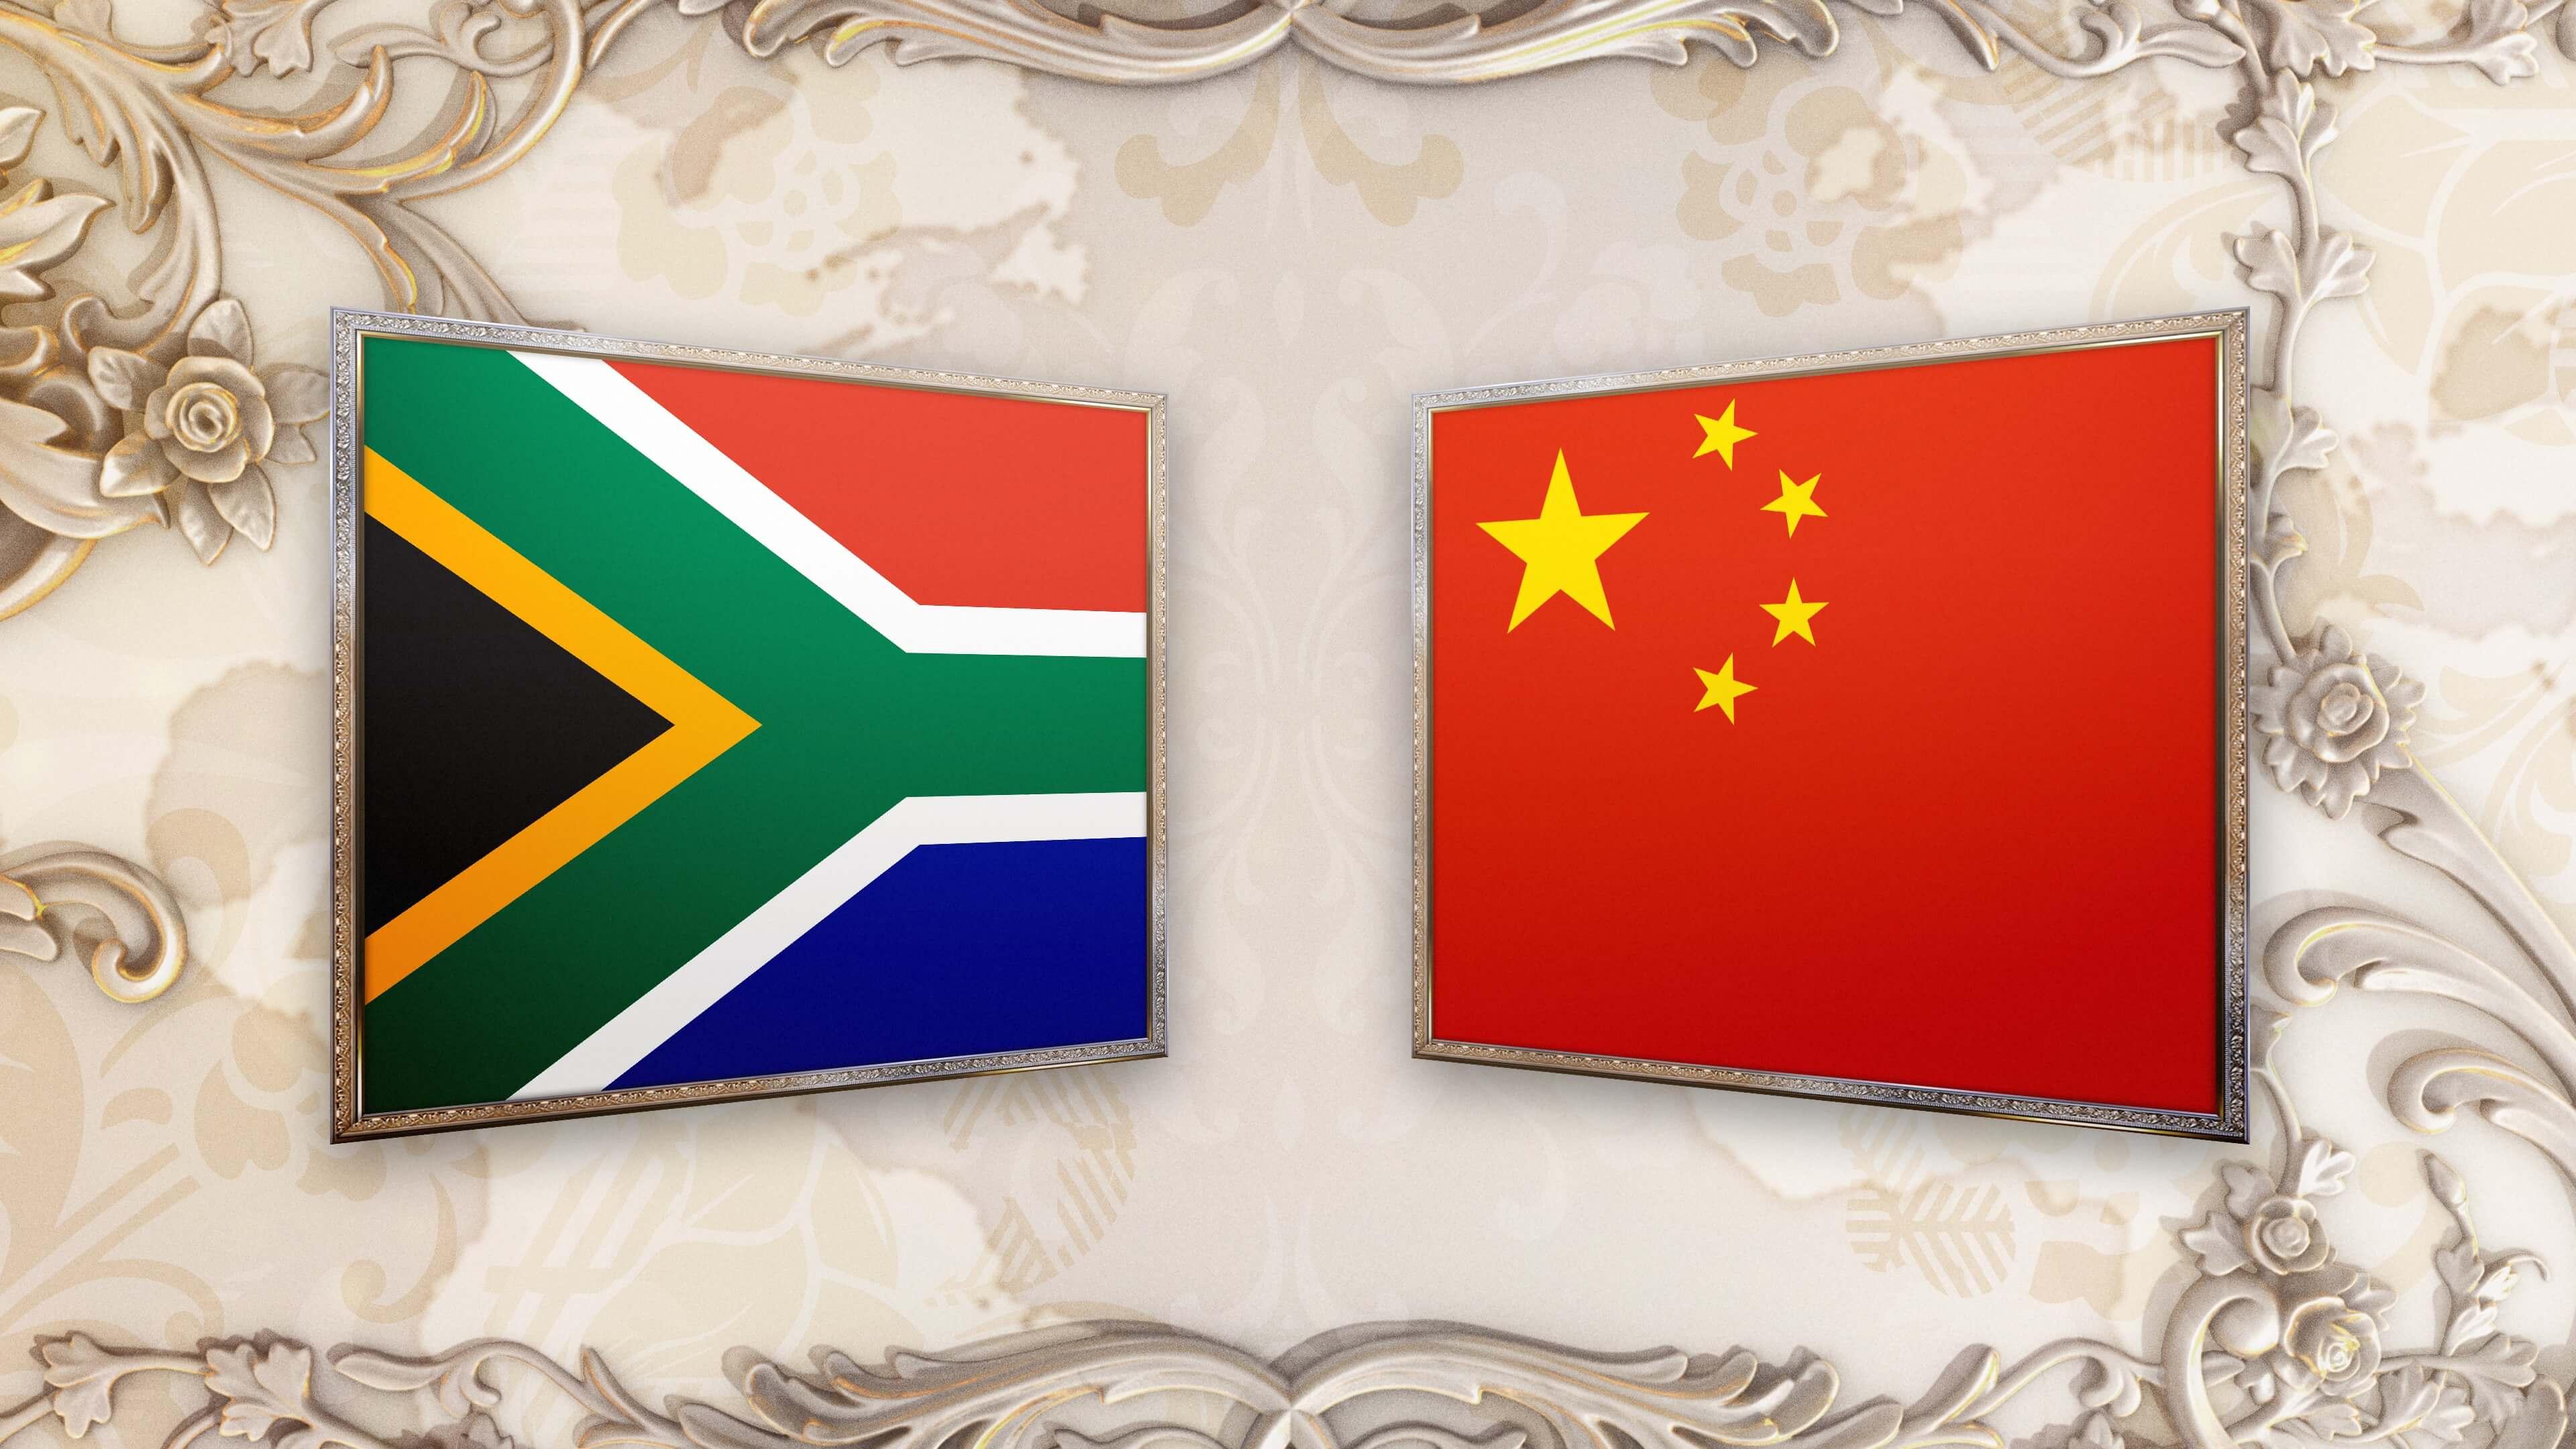 ЮАР – Китай 13 июня 2019 год